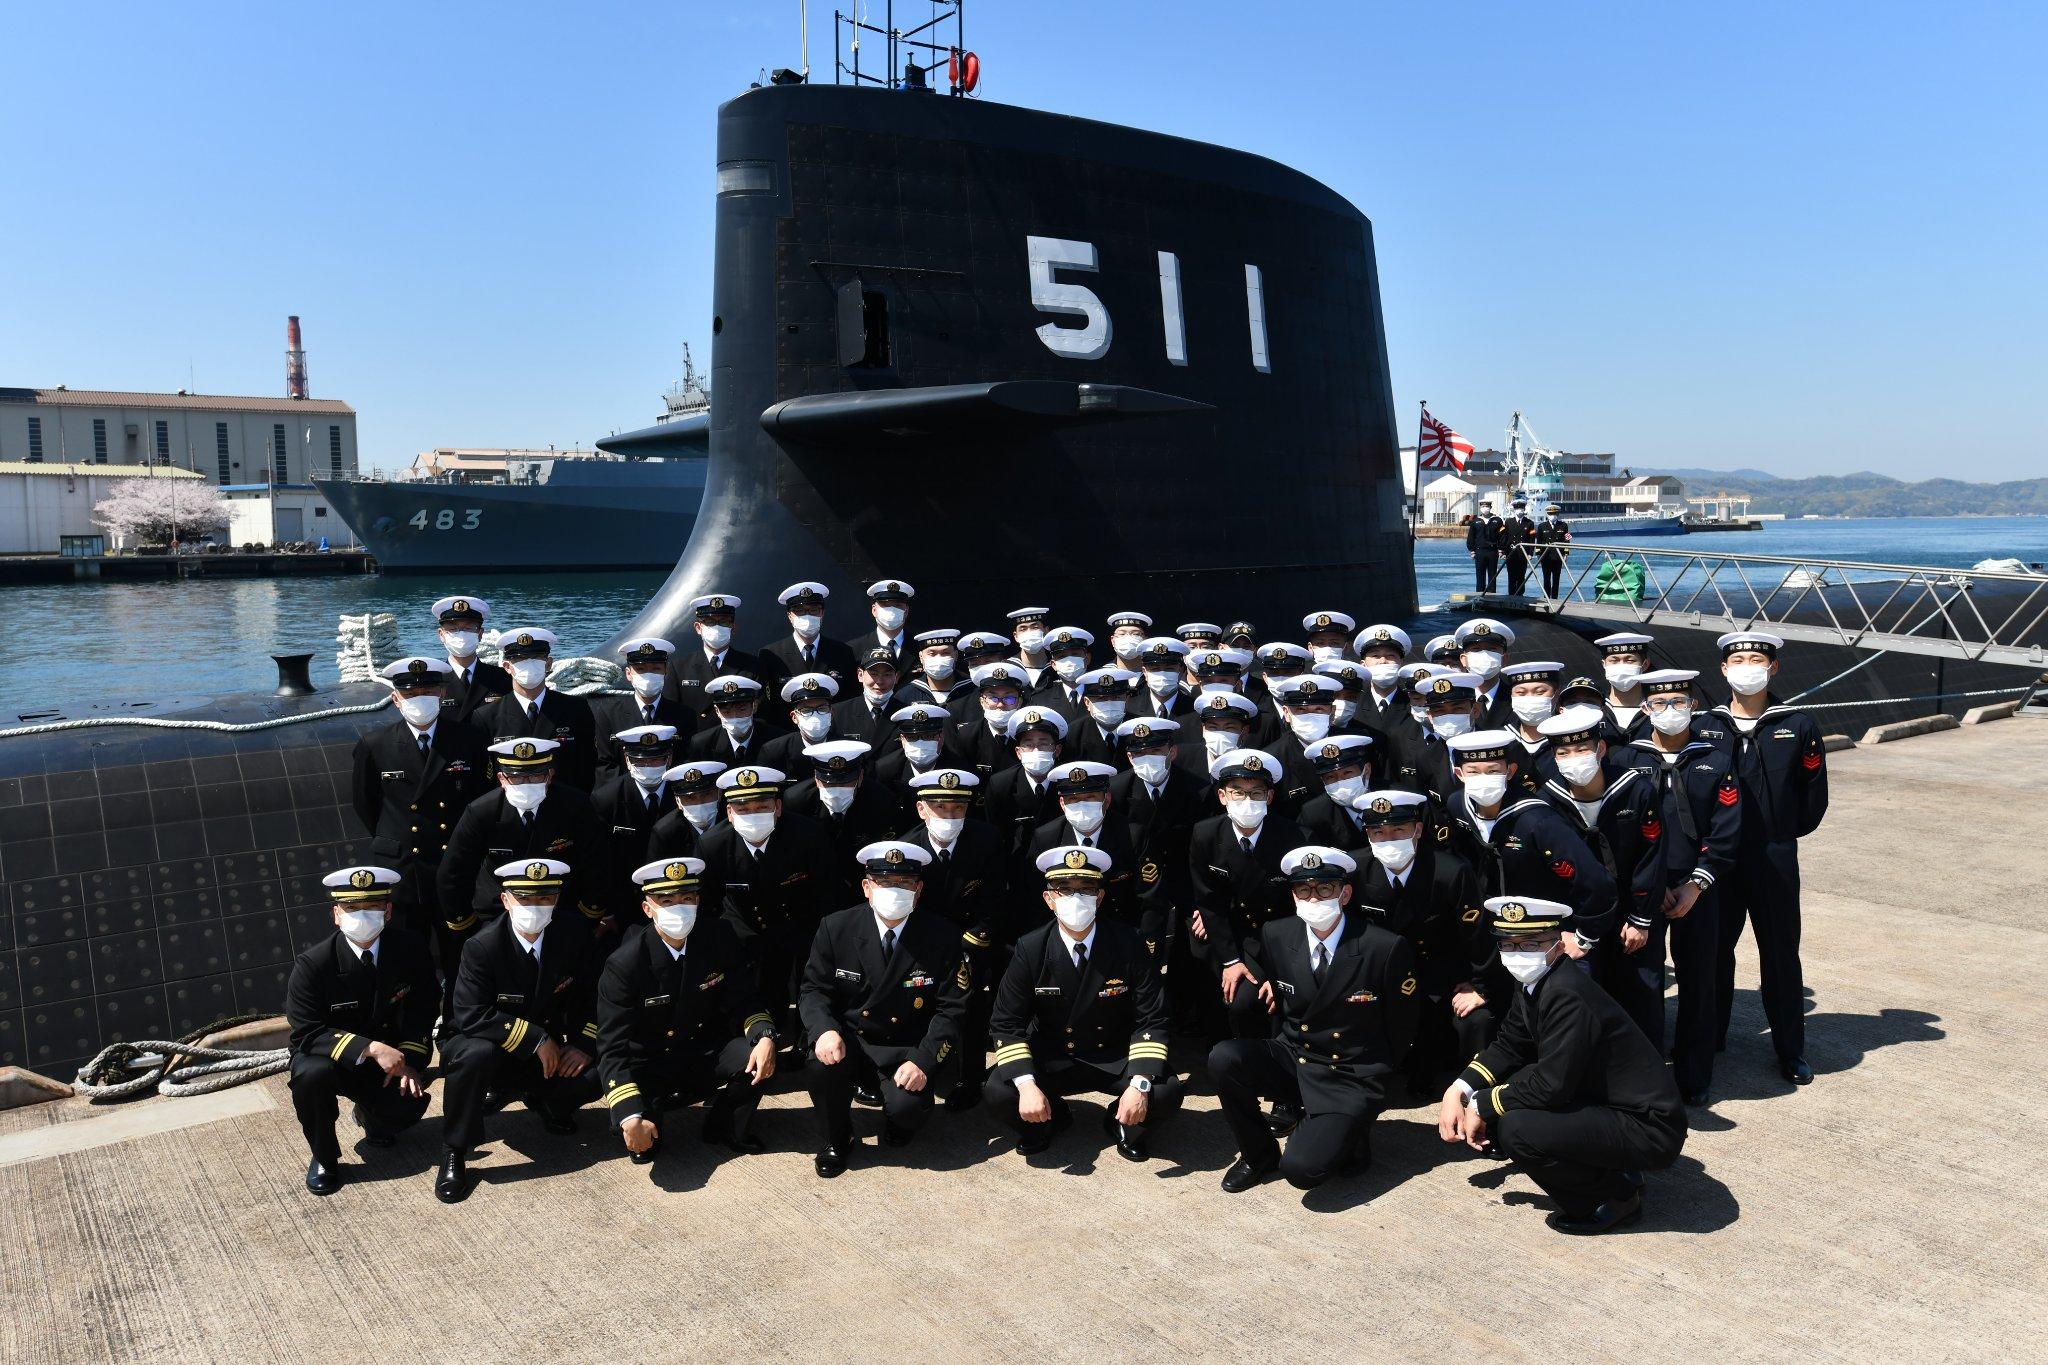 日本首艘锂电池潜艇抵母港部署 艇员全体戴口罩亮相